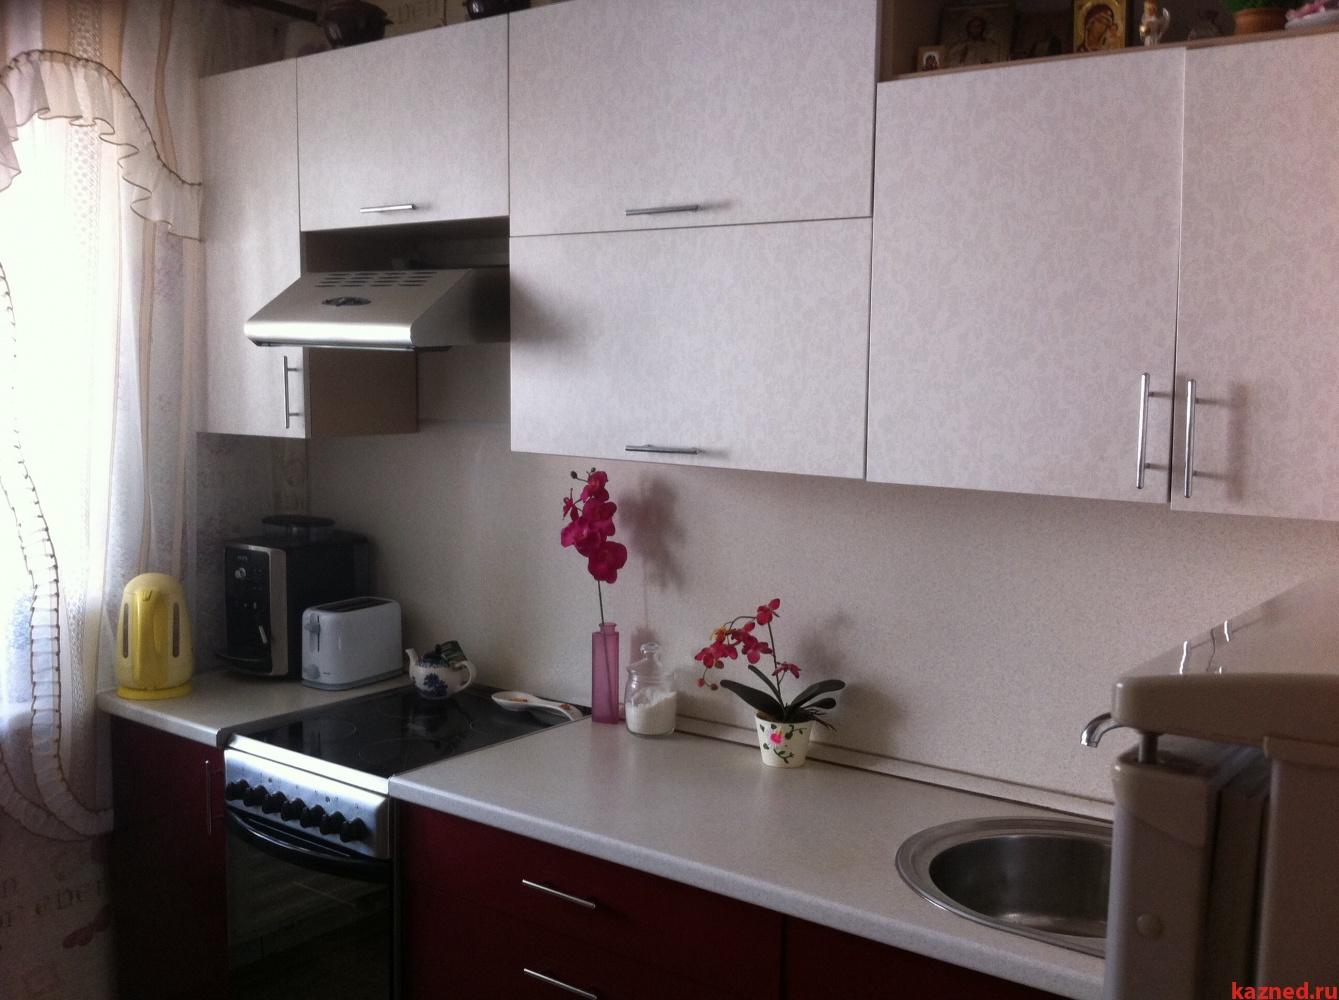 Продажа 2-к квартиры проспект Победы д.62, 55 м²  (миниатюра №6)